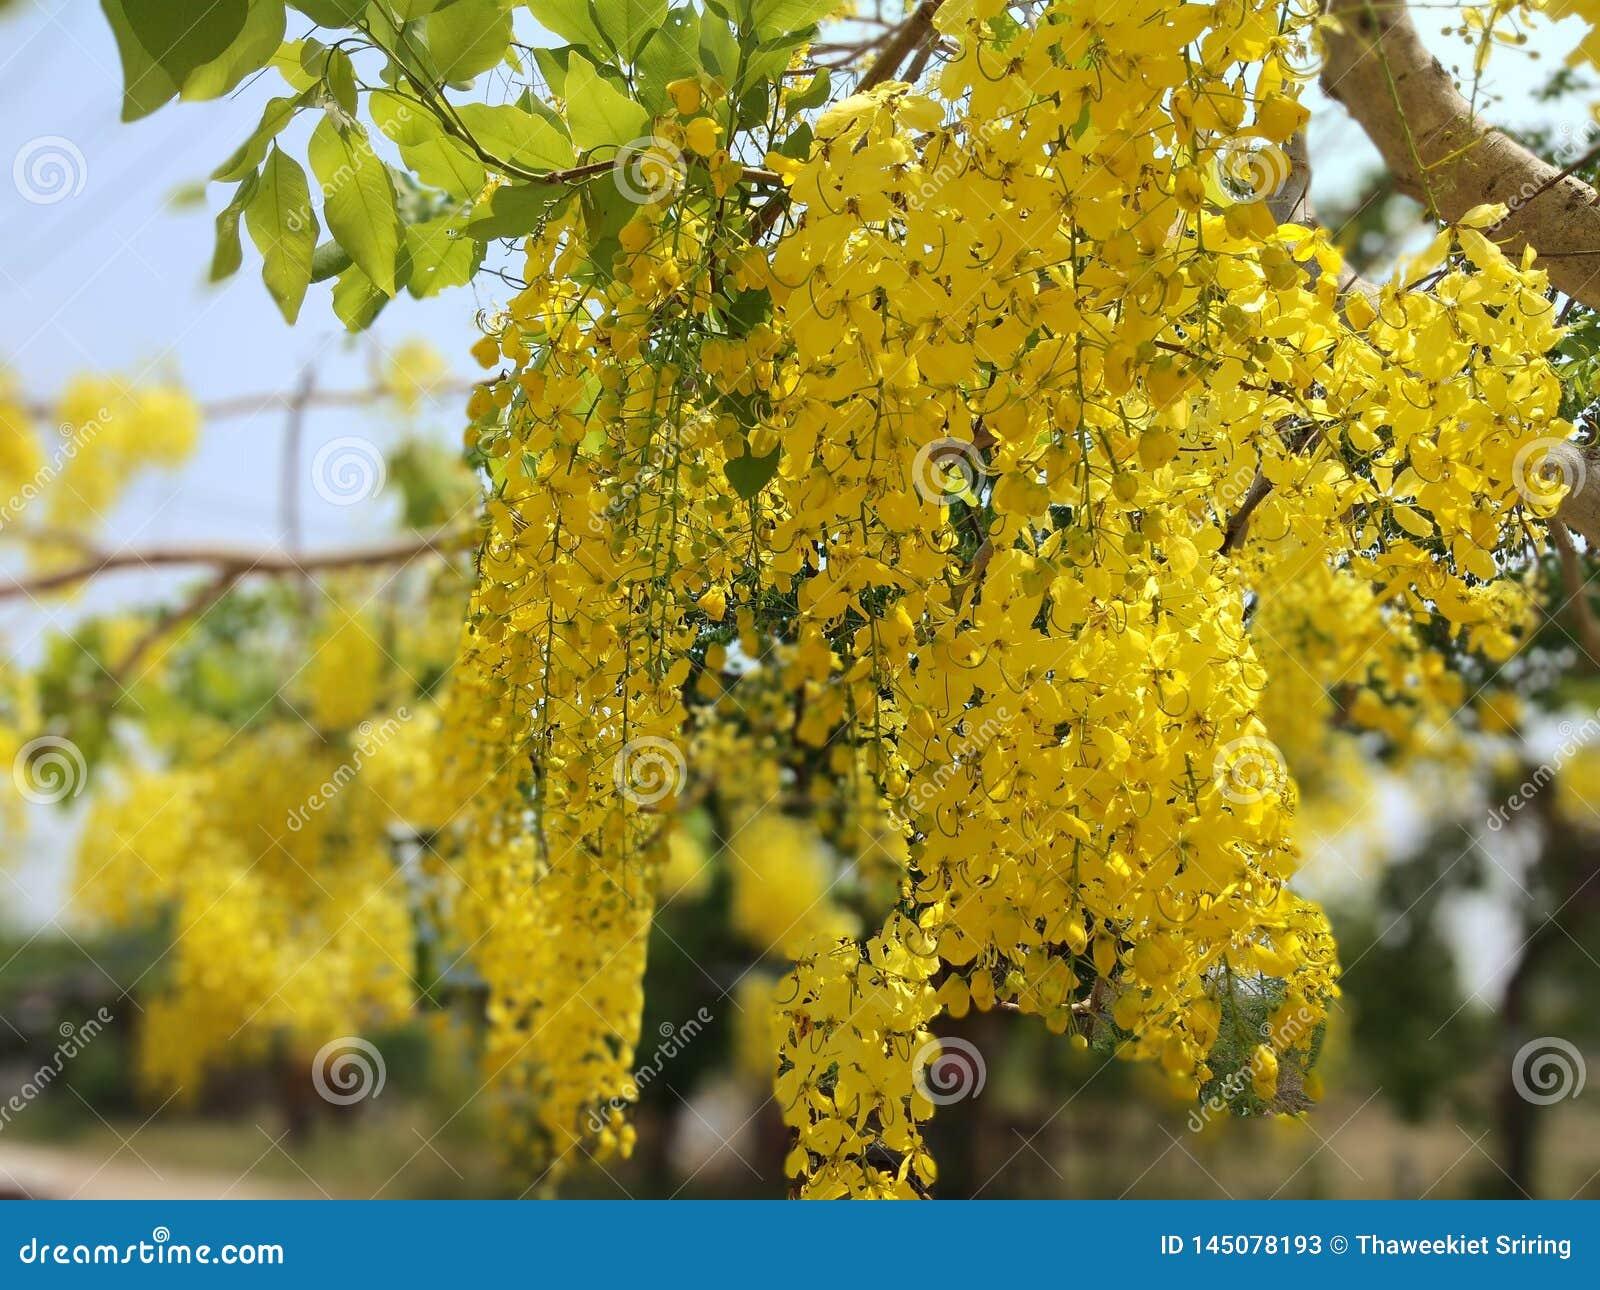 Il cassia fistula, bello giallo, può essere usato come immagine di sfondo